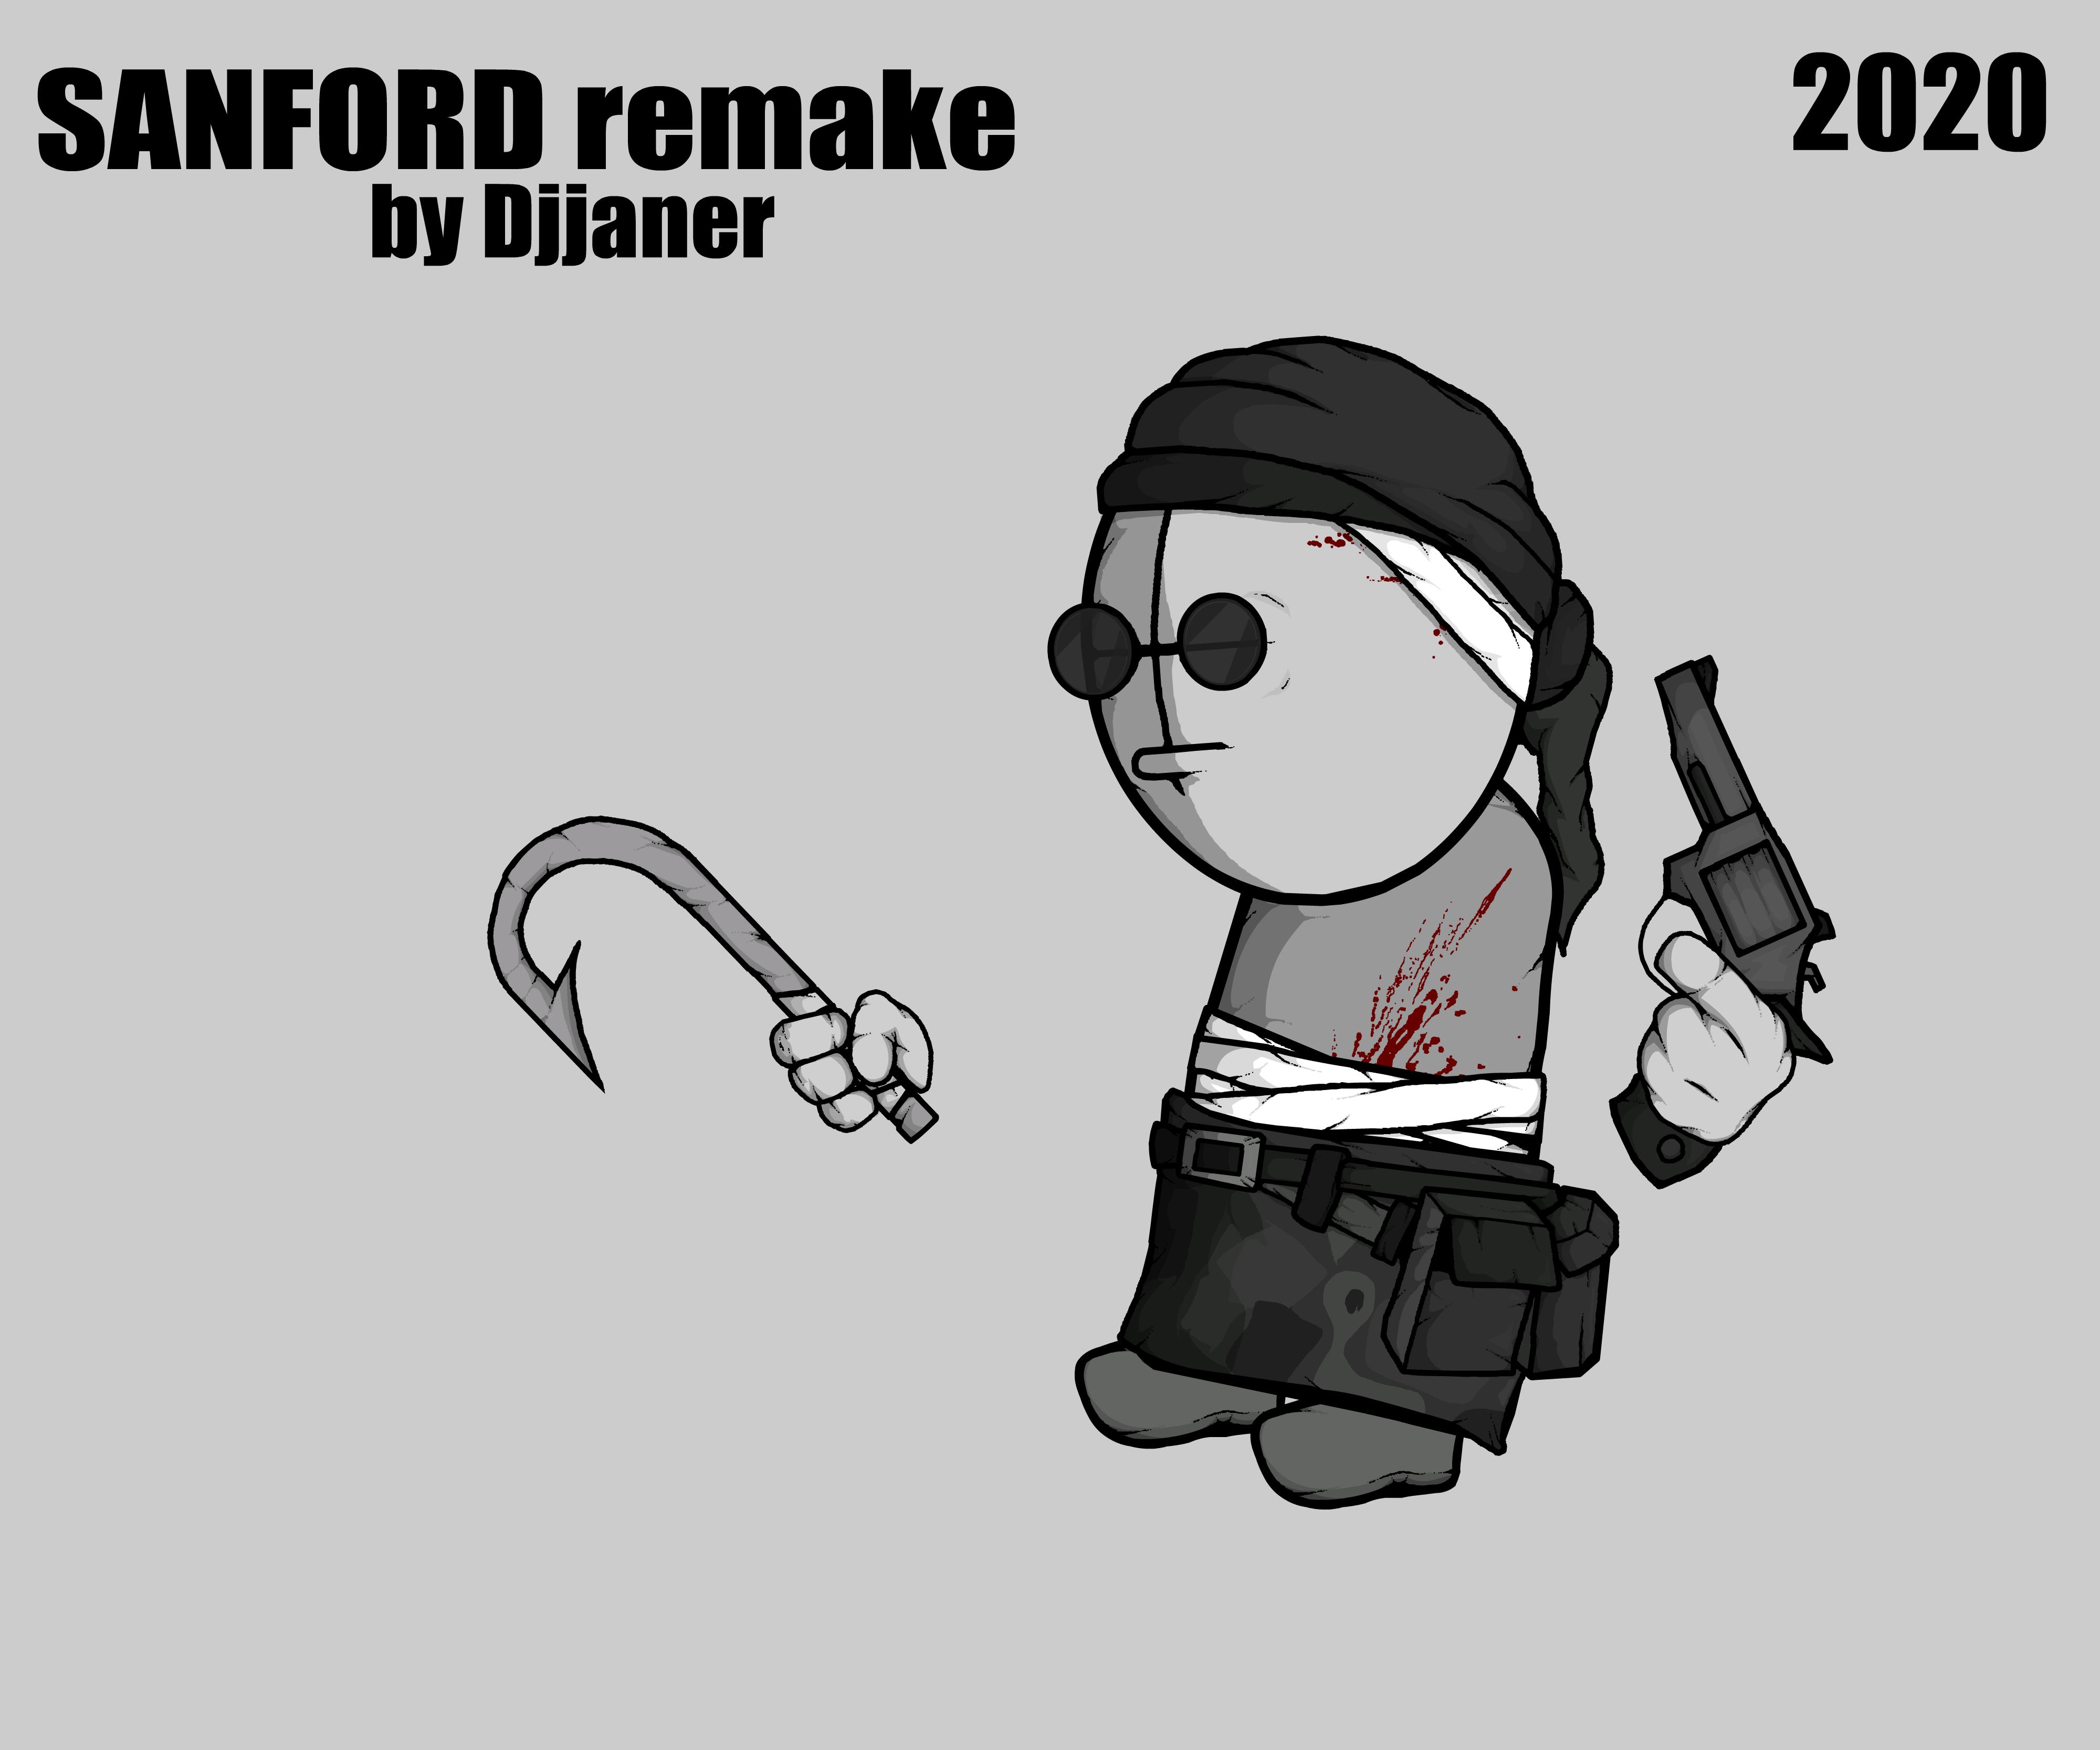 Sanford remake